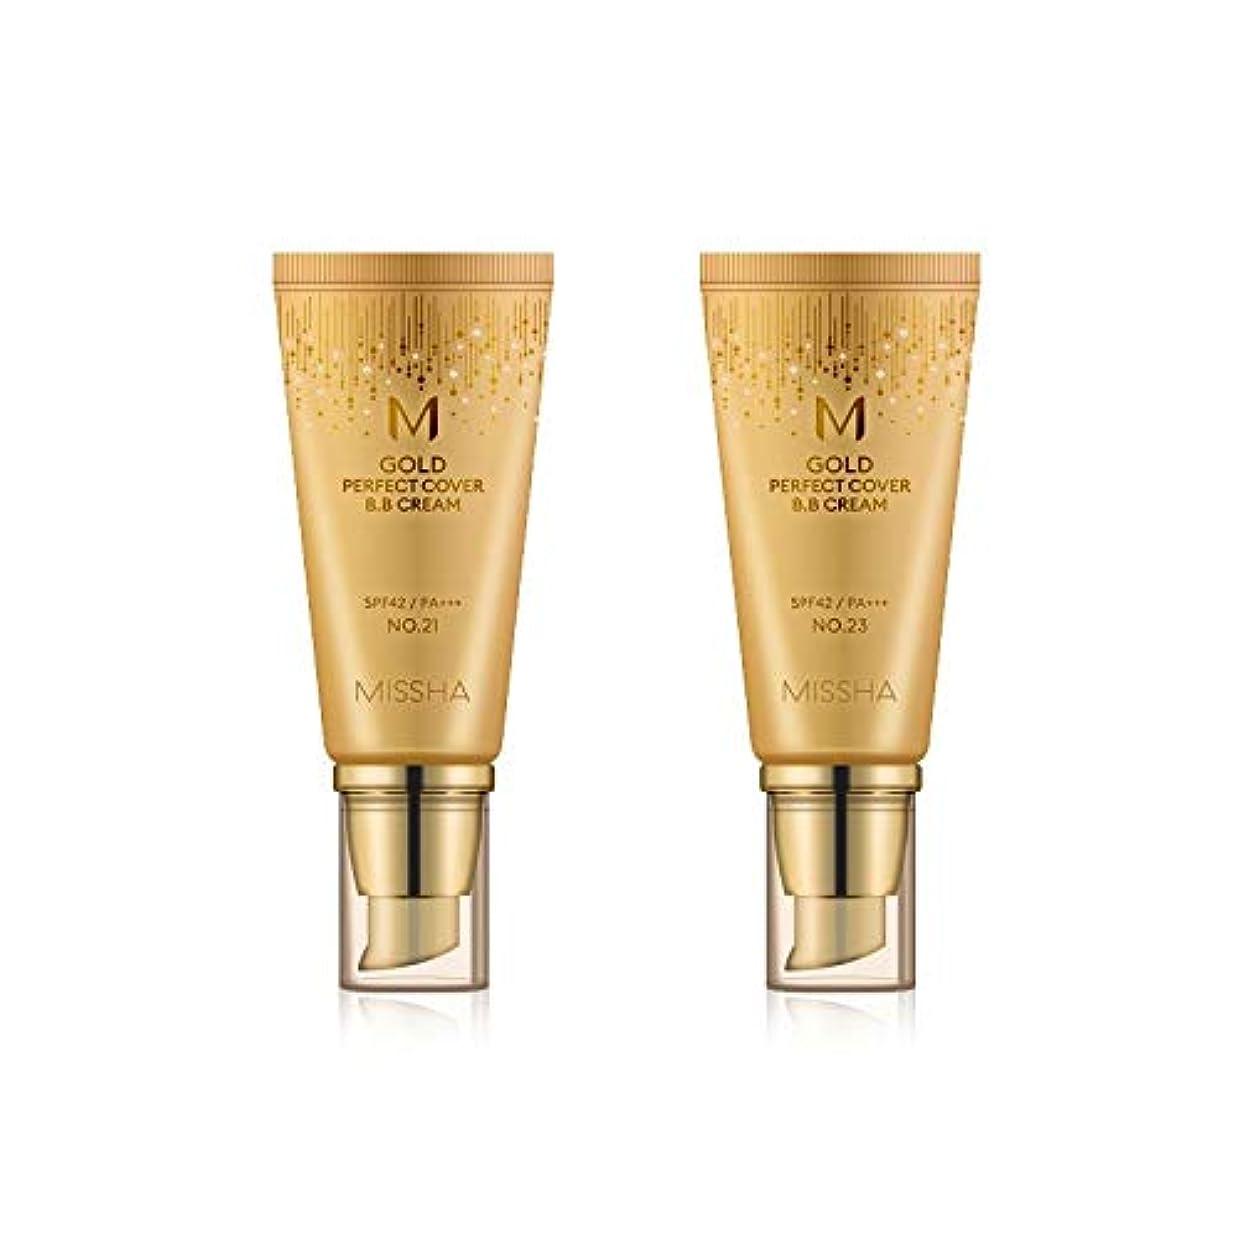 初期経過不正直MISSHA Gold Perfecte Cover BB Cream SPF42 PA+++ / ミシャ ゴールド パーフェクト カバー BBクリーム 50ml *NO.21 [並行輸入品]